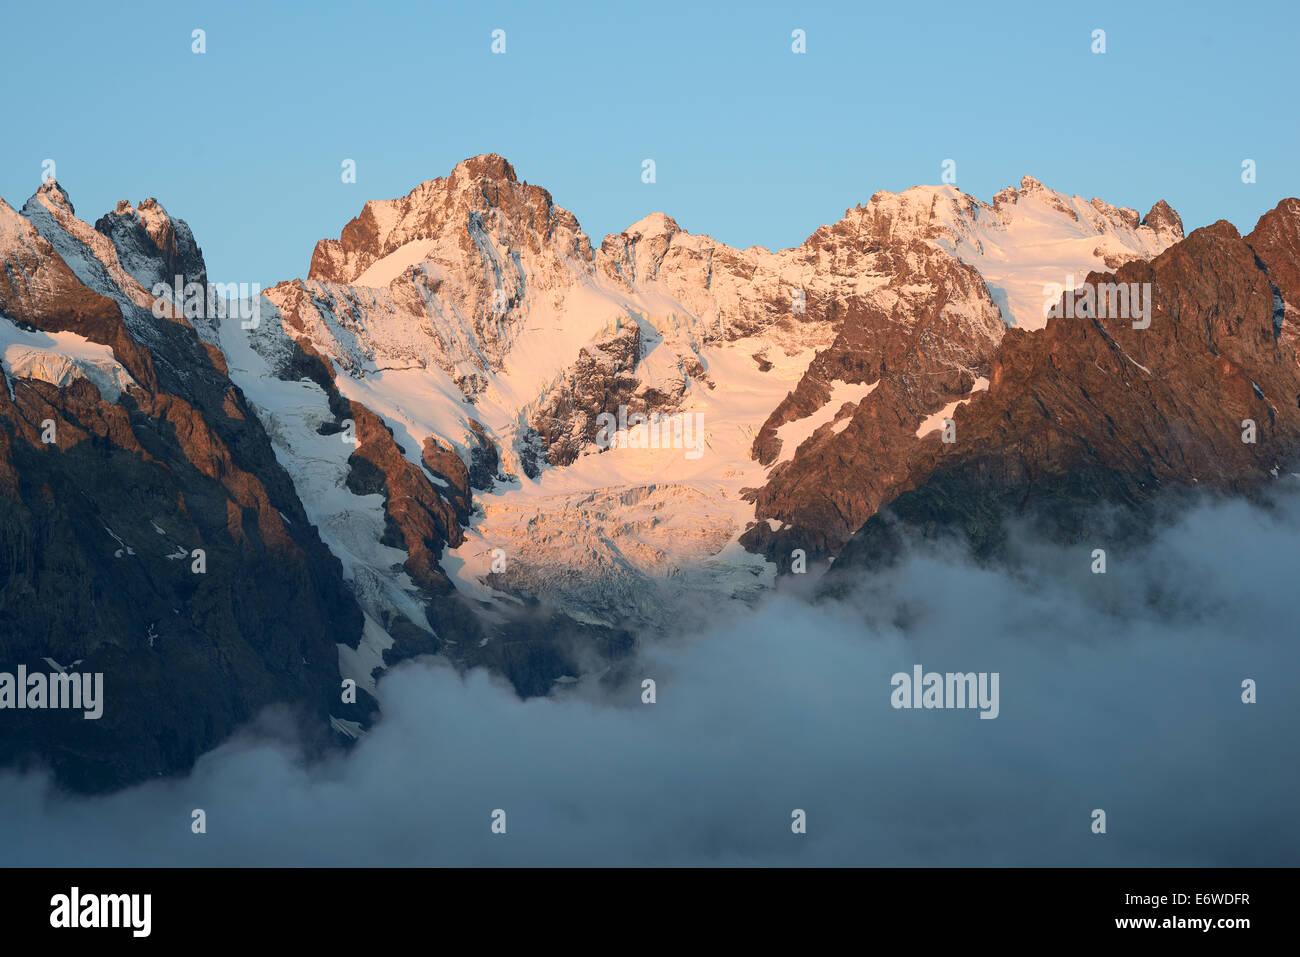 PIC GASPARD (left - 3883m amsl) & LA MEIJE (right - 3984m amsl). Ecrins National Park, Hautes-Alpes, France. - Stock Image